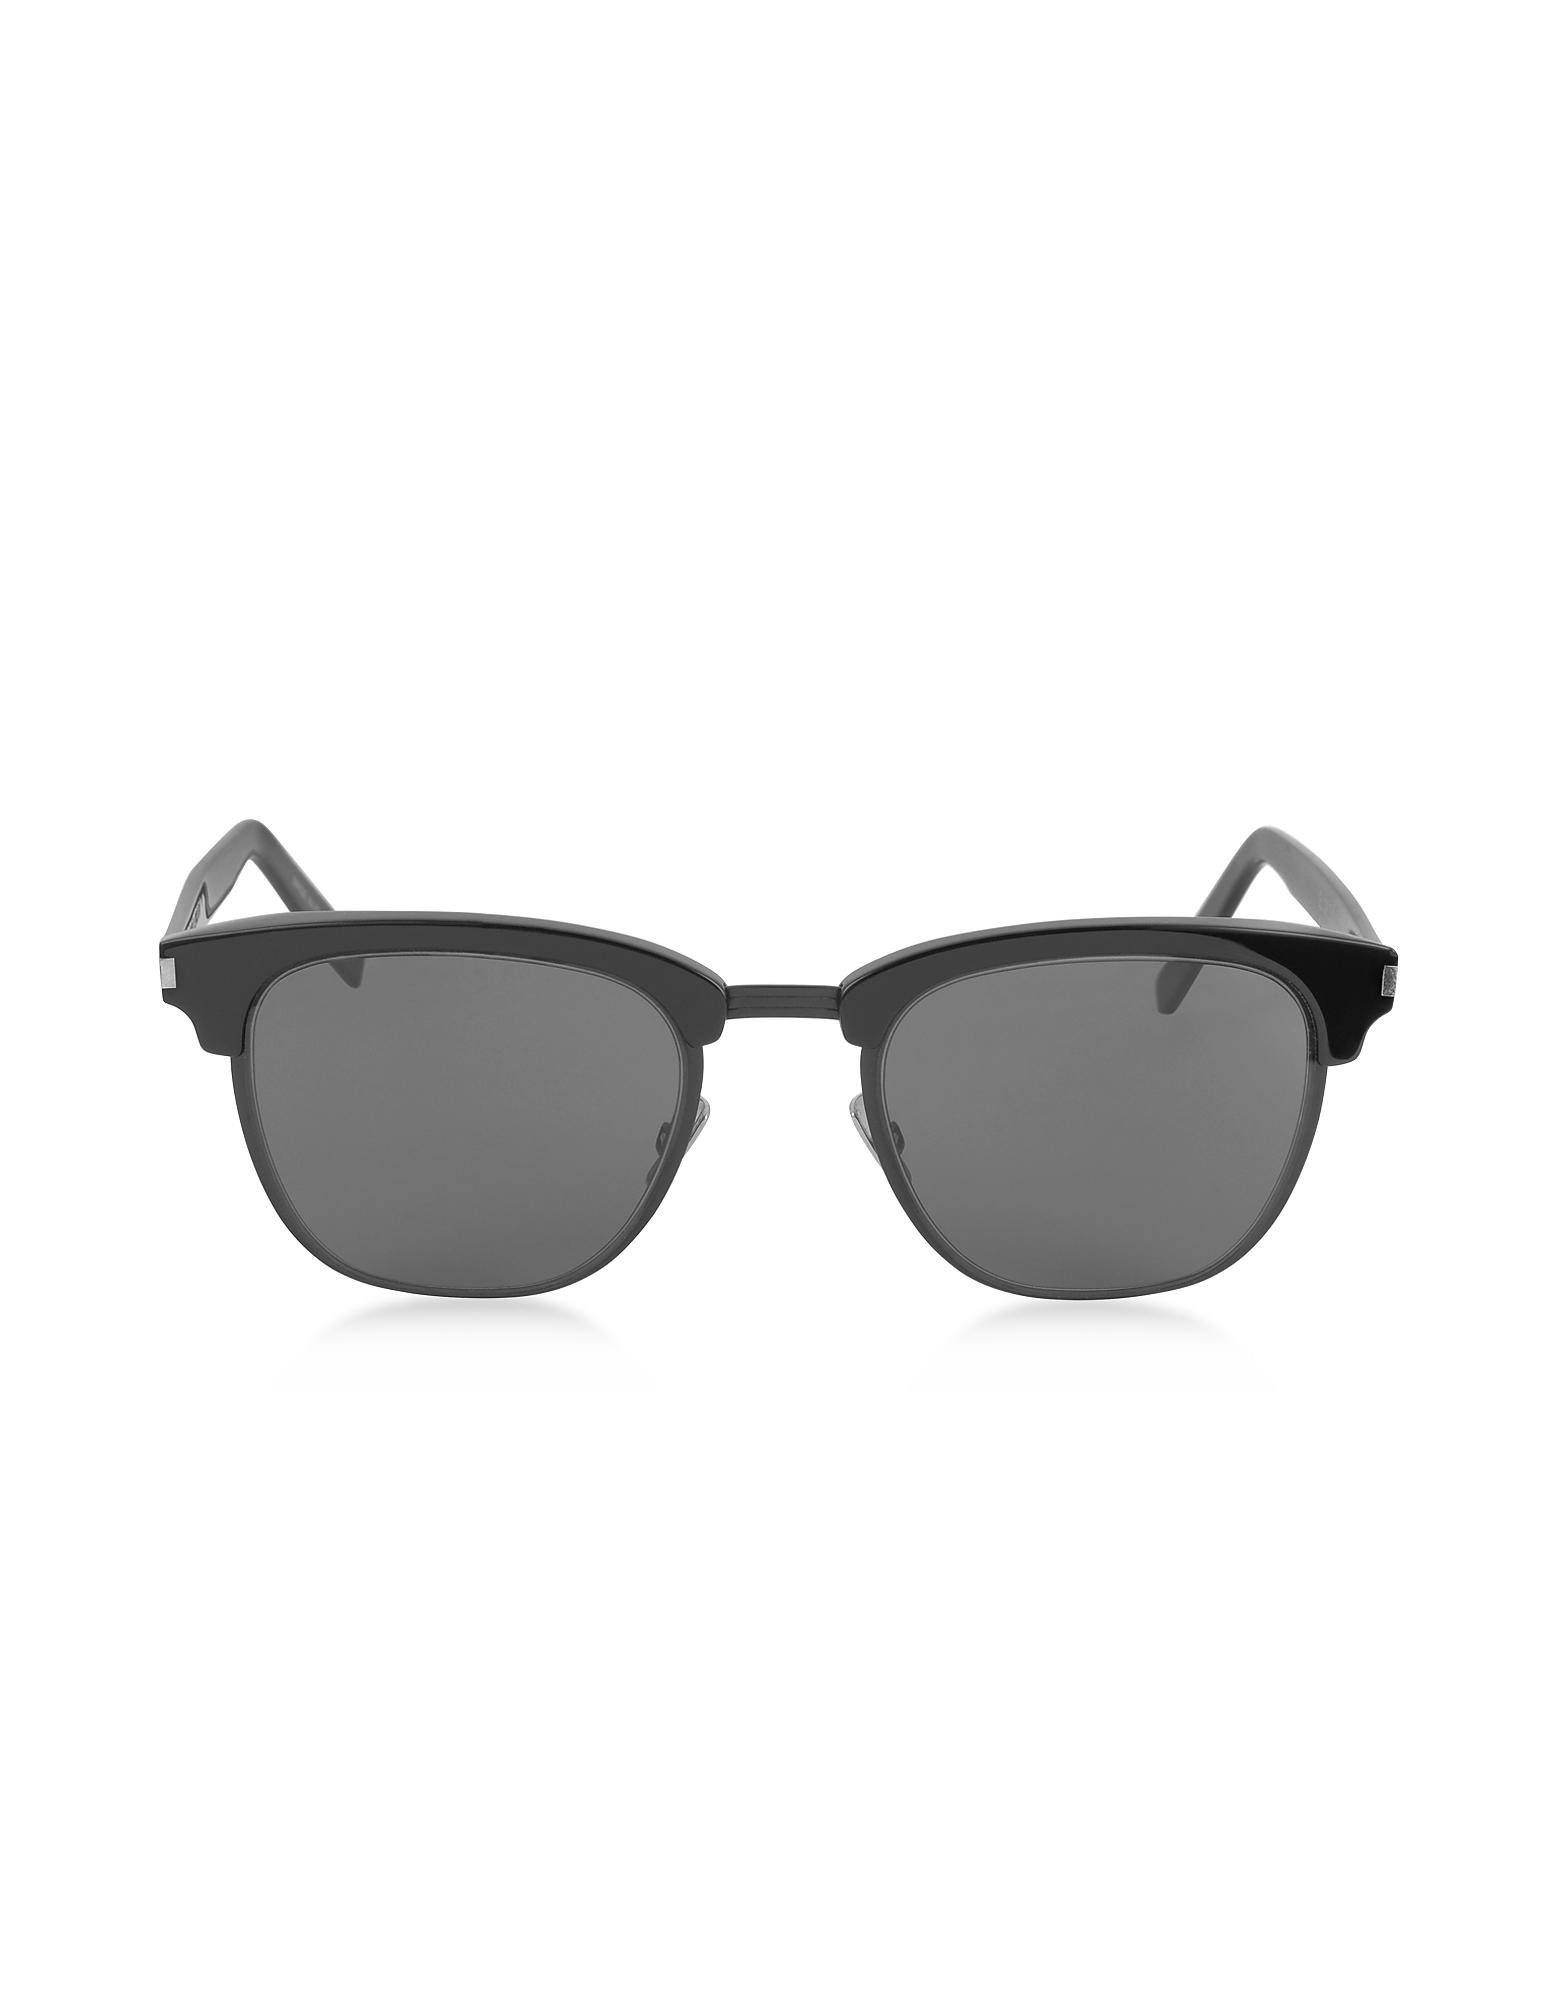 Фото SL108 - Тонкие Черные Женские Солнечные Очки в Металлической Оправе Чашка. Купить с доставкой